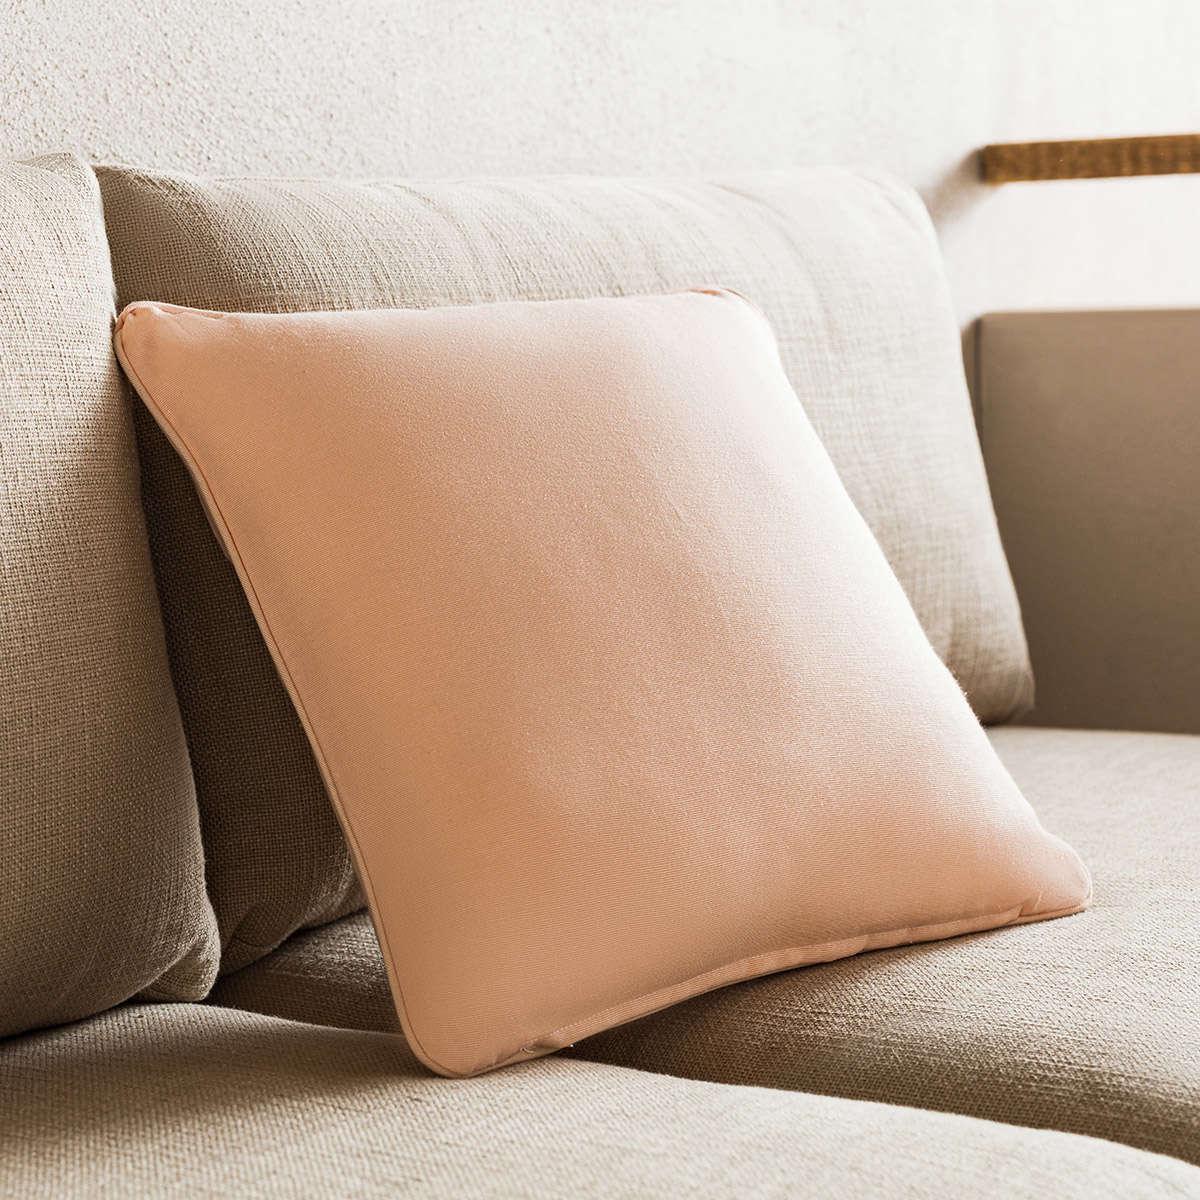 Μαξιλαροθήκη Διακοσμητική Colors Sweet Pink 911/27 Gofis Home 45X45 Βαμβάκι-Polyester